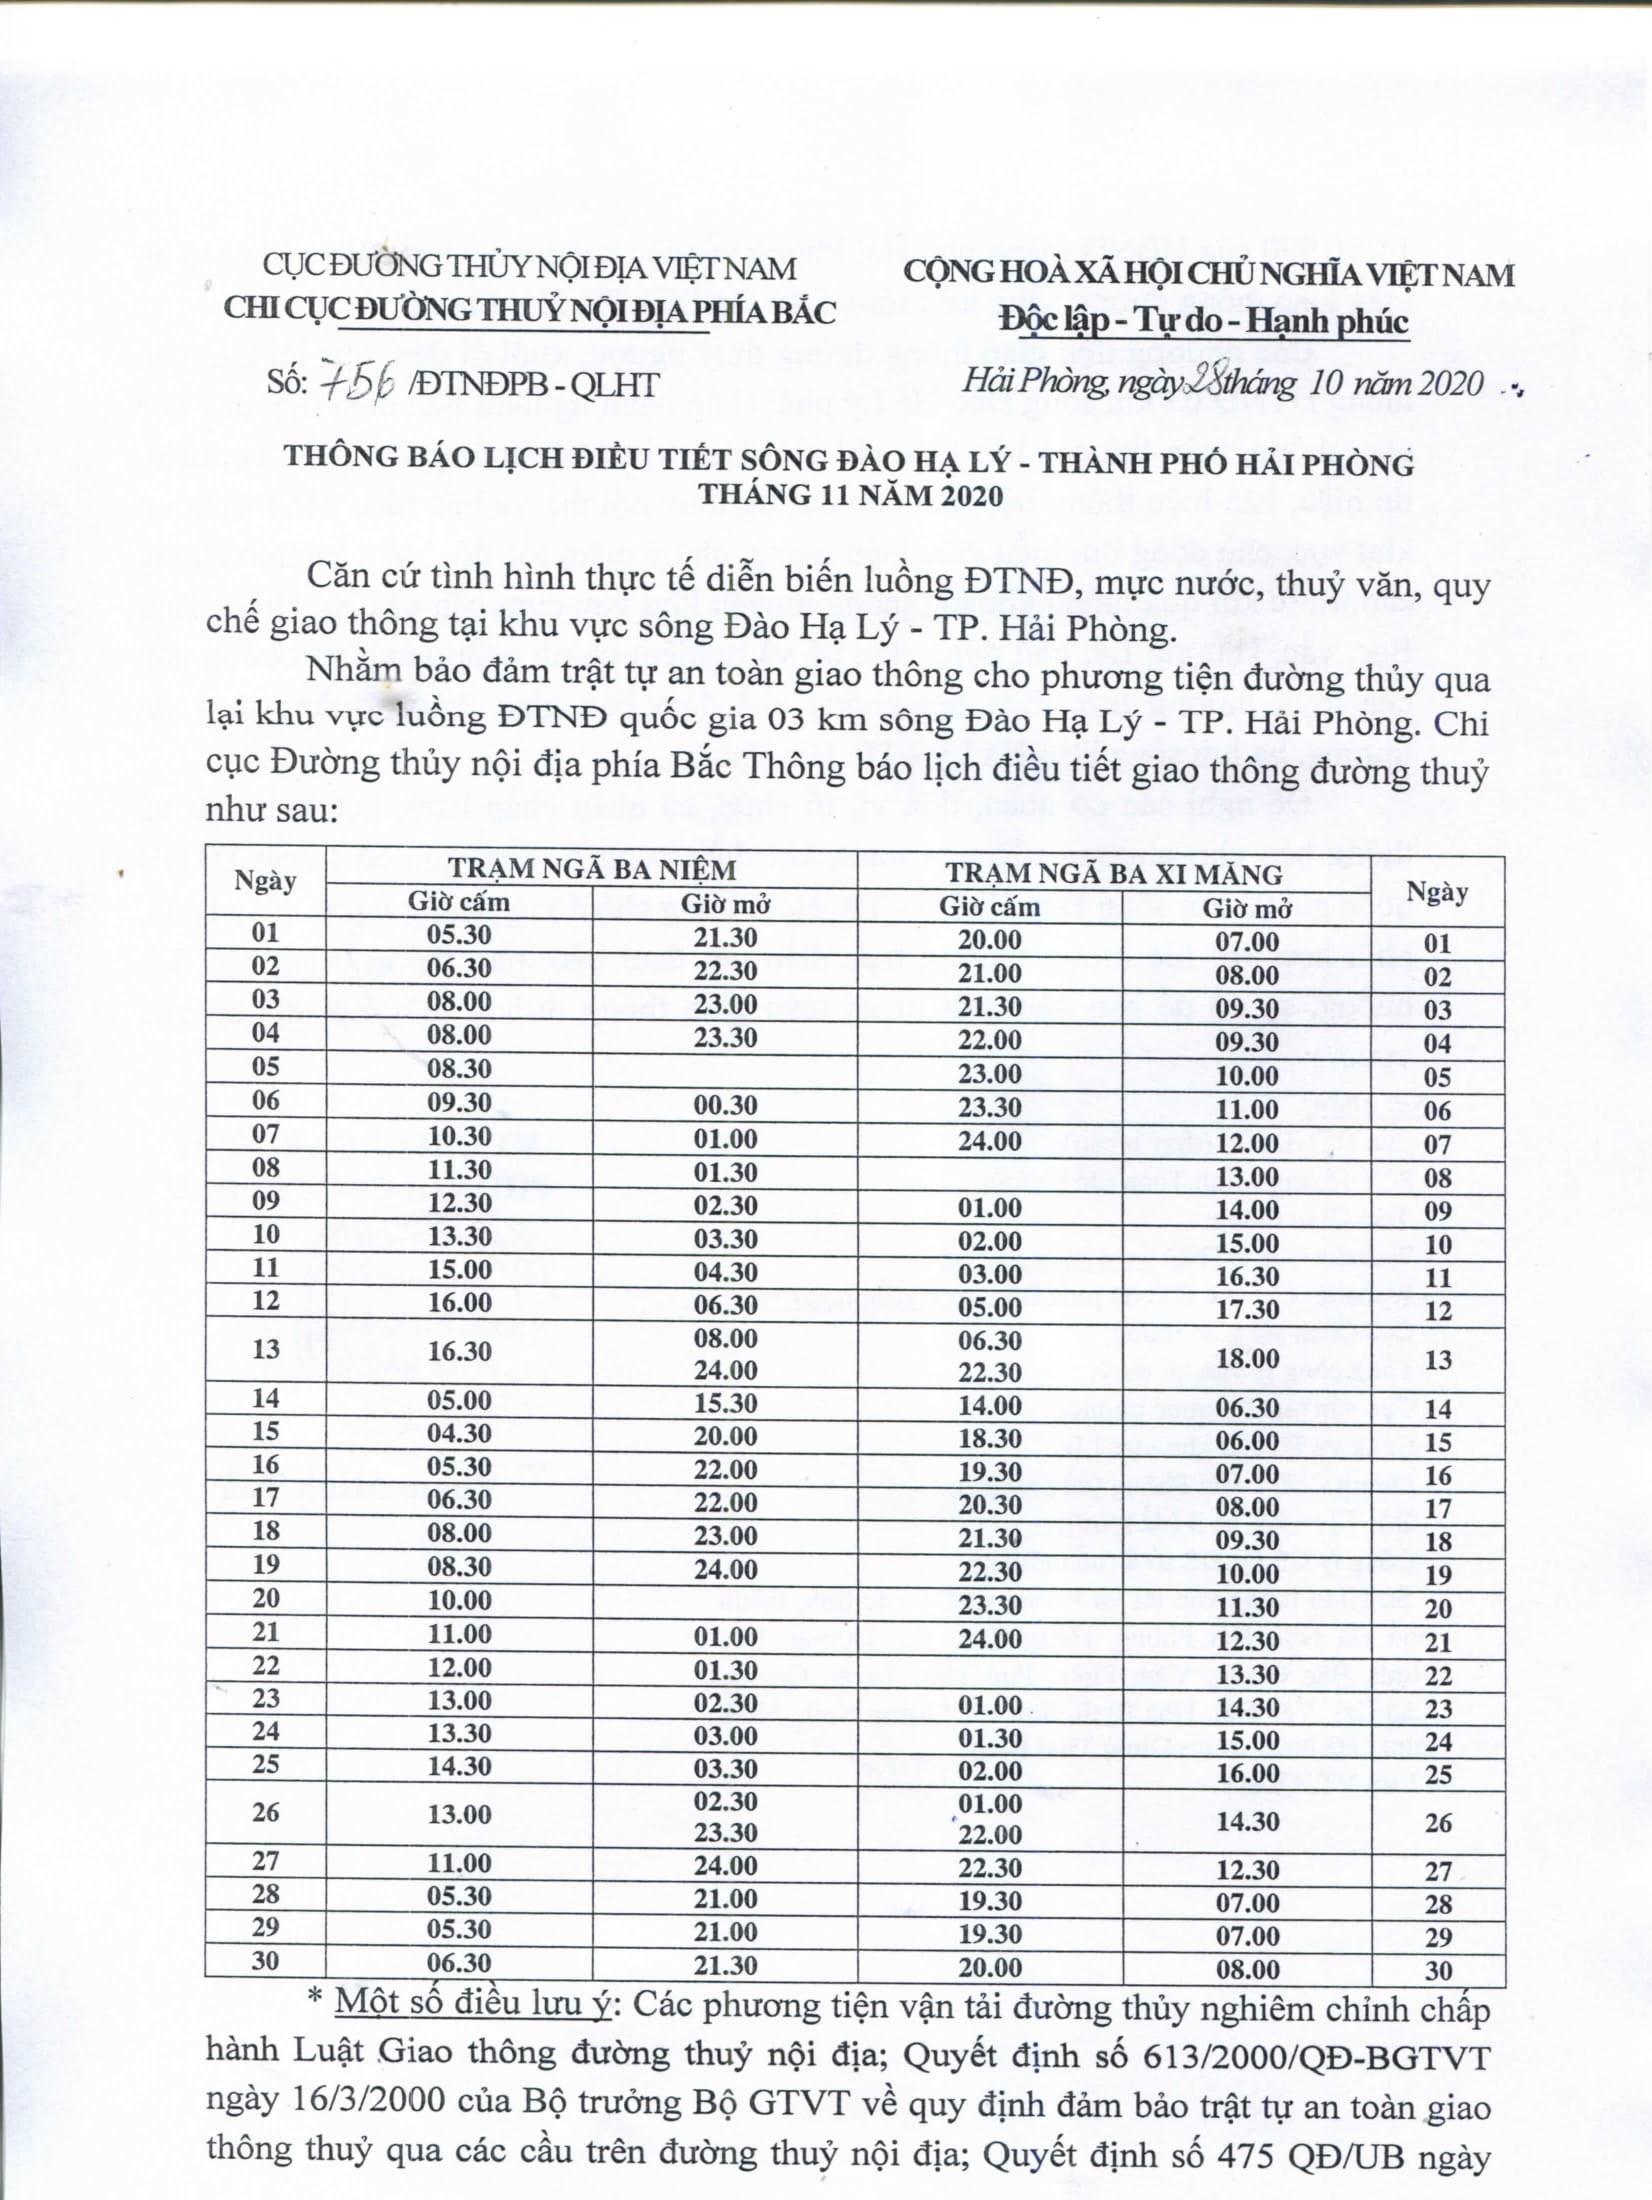 Thông báo lịch điều tiết sông Đào Hạ Lý - TP Hải Phòng tháng 11/2020